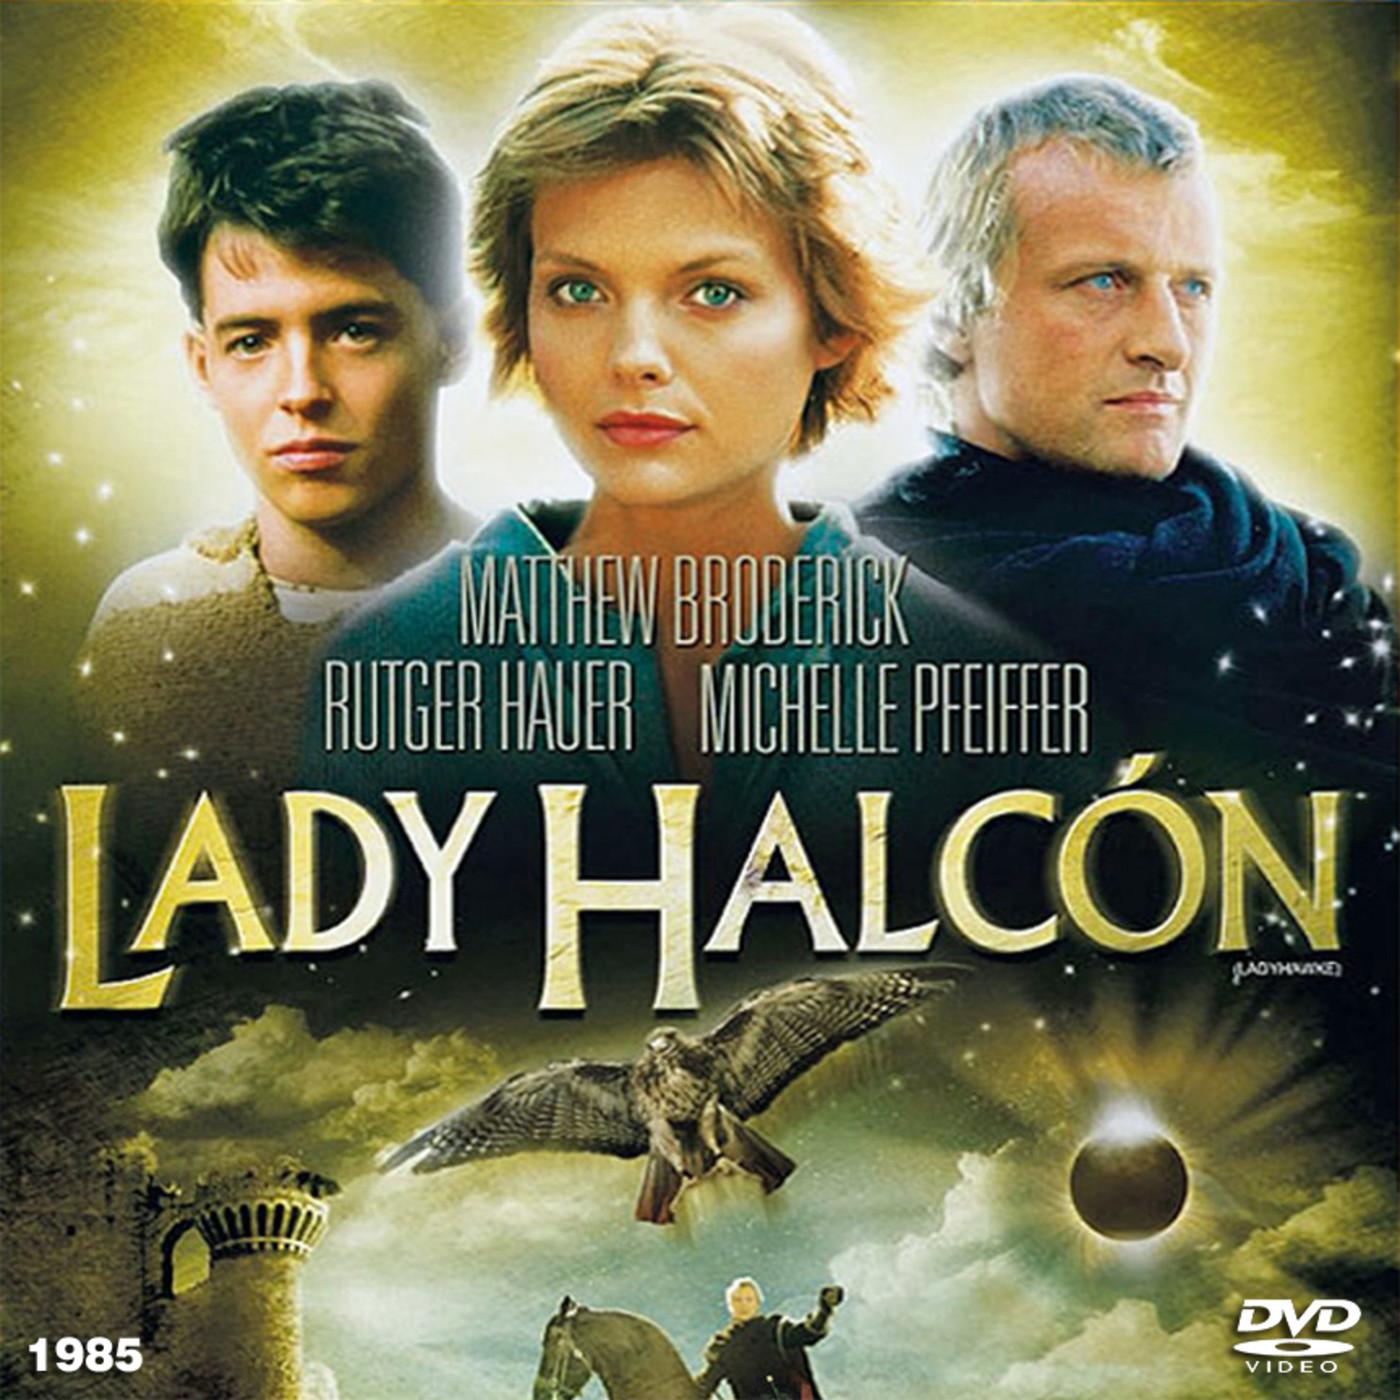 Lady Halcon 1985 Aventuras Romance Fantastico Peliculas Audesc Podcast En Escuchando Peliculas En Mp3 20 05 A Las 10 38 20 01 56 00 51214709 Ivoox